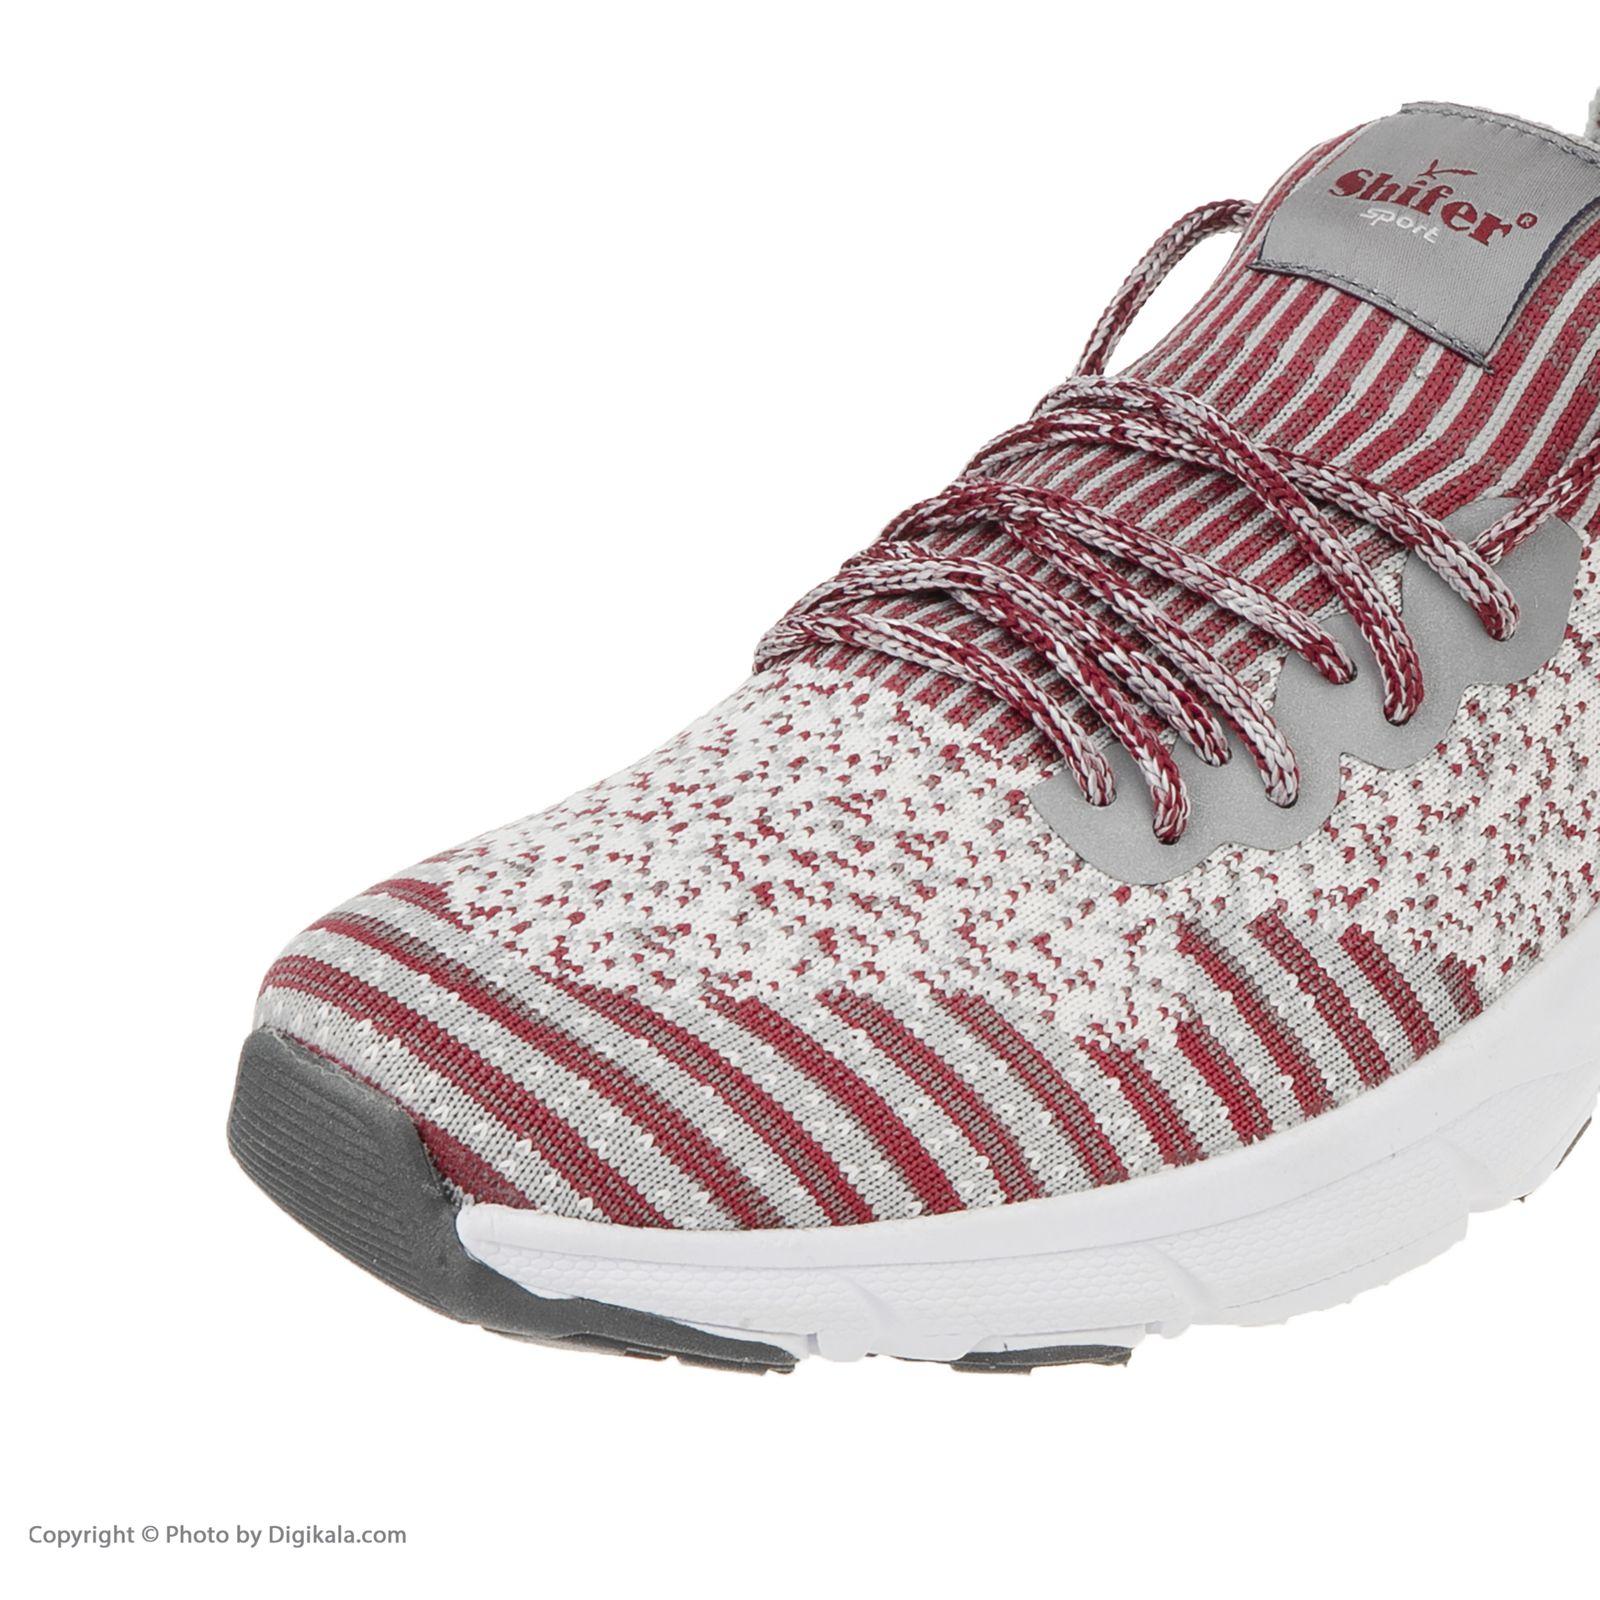 کفش پیاده روی زنانه شیفر مدل 5s03a-11 -  - 4